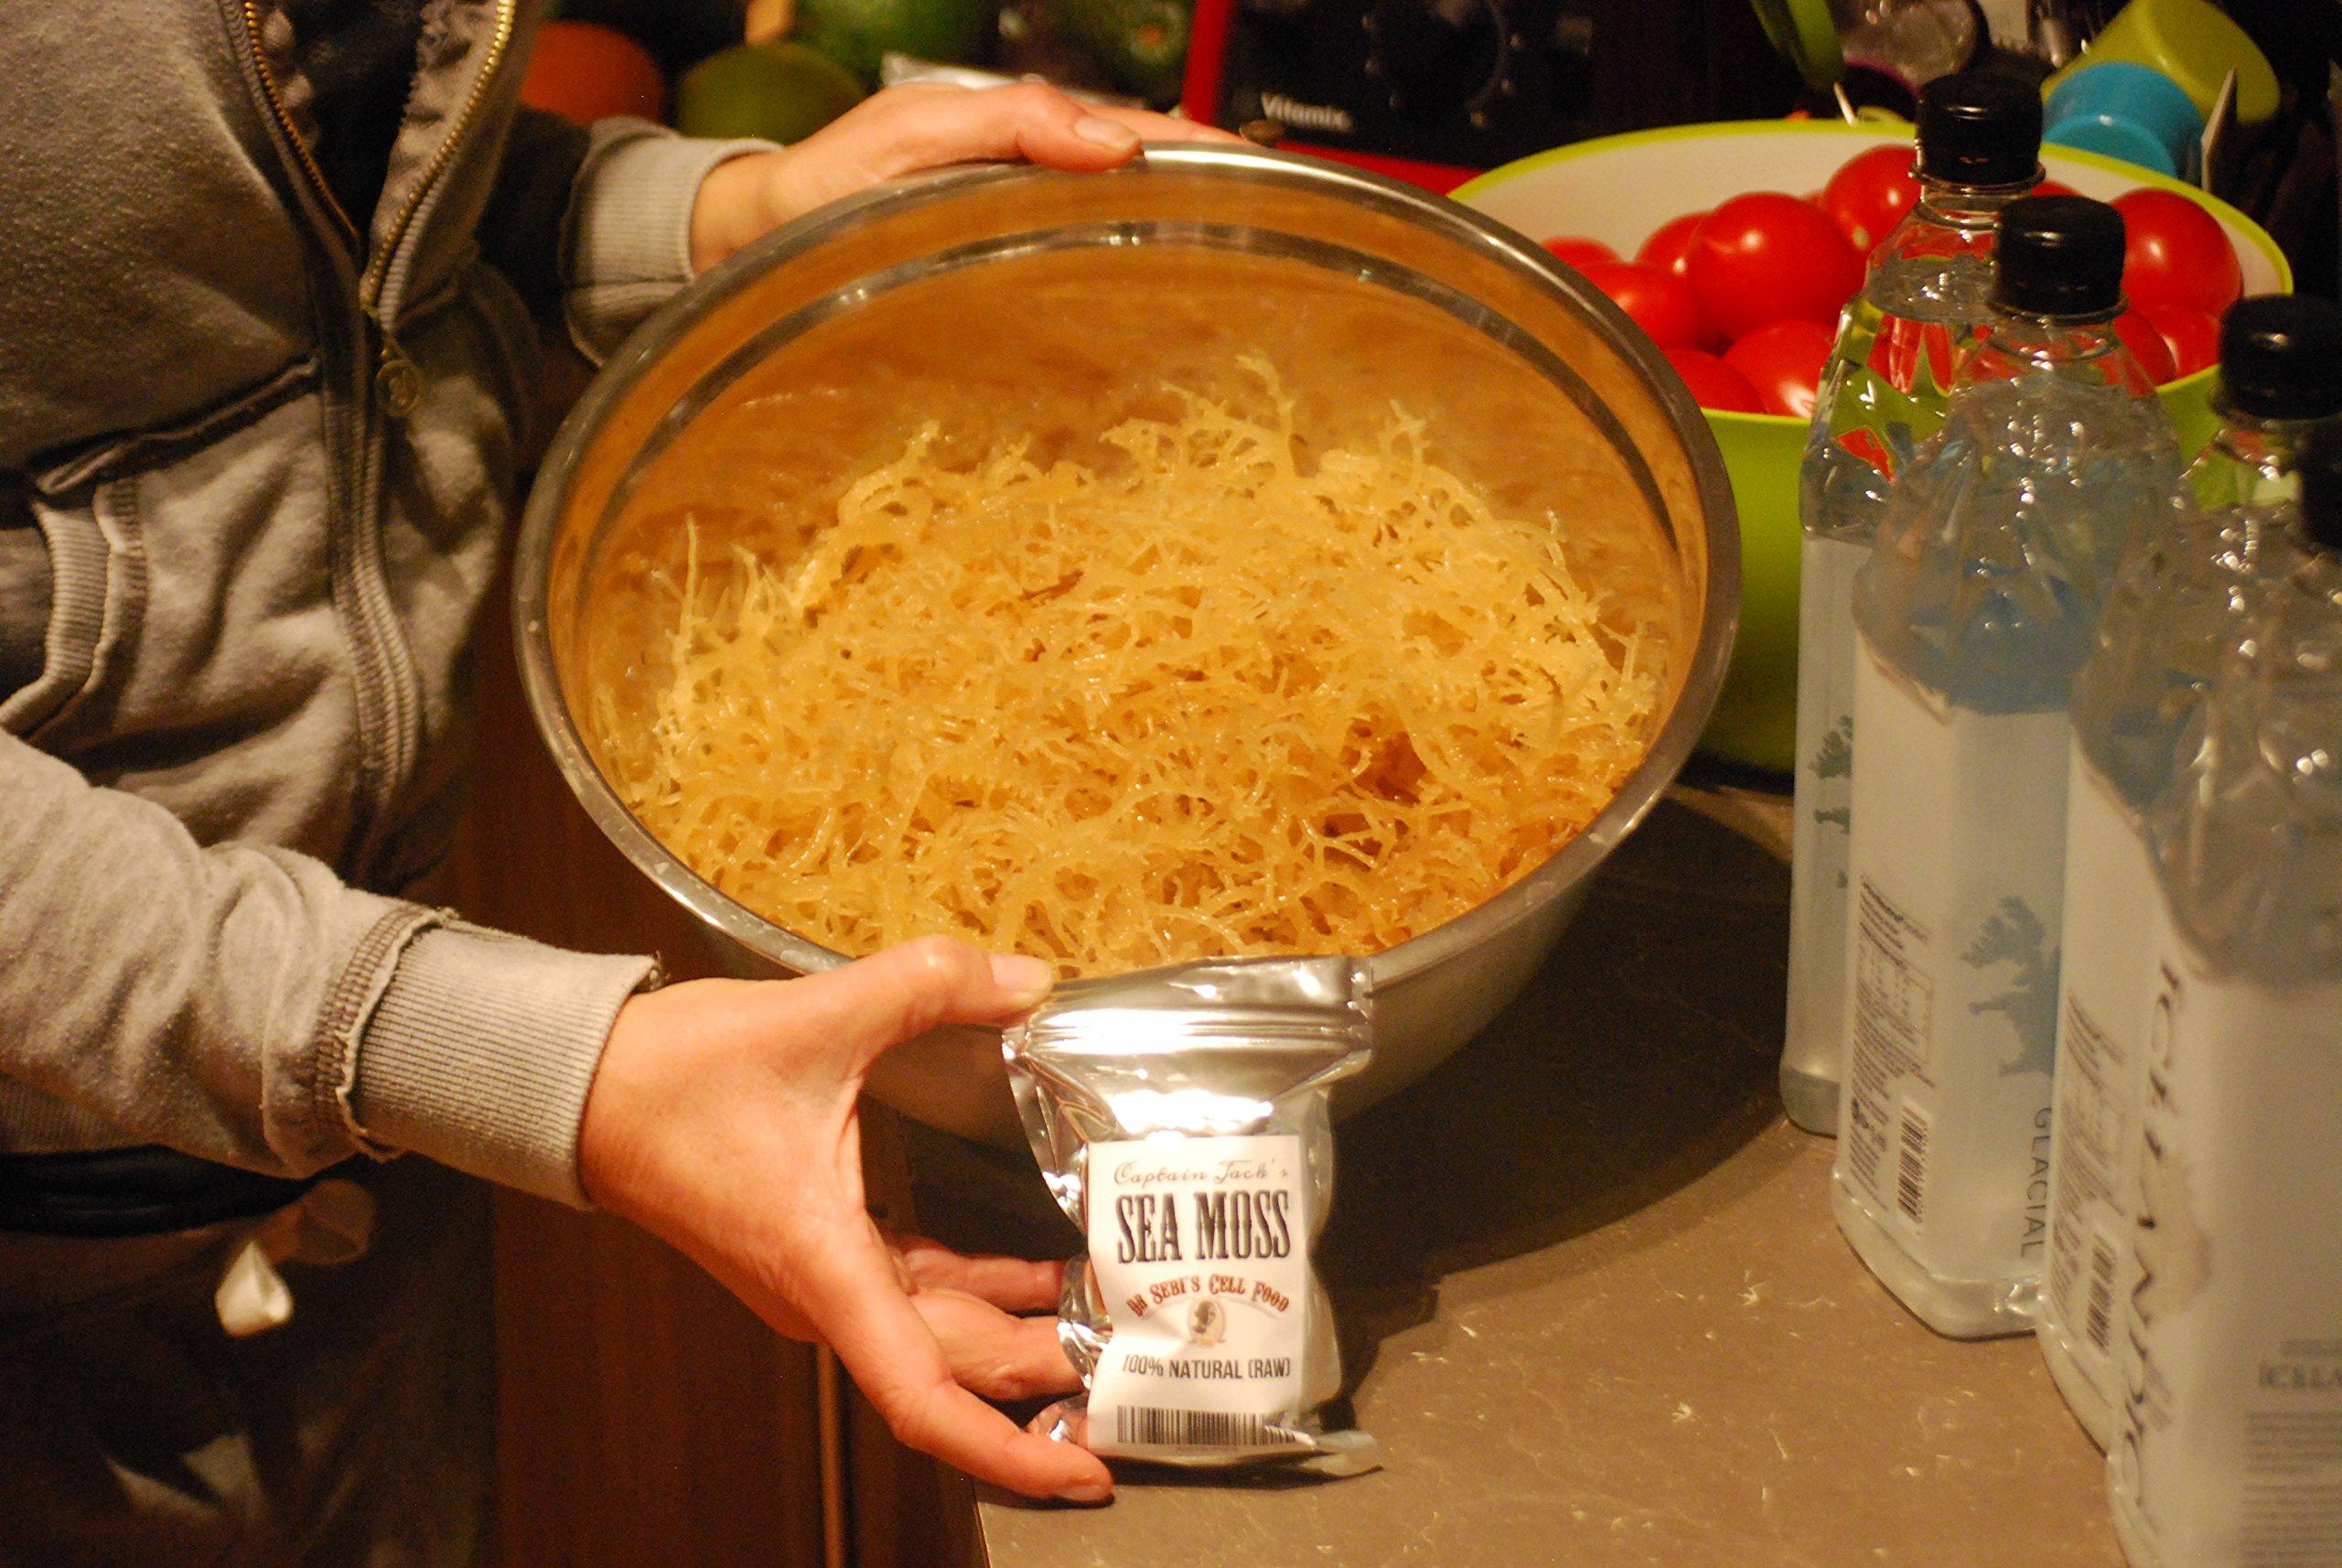 Irish Moss - Raw Organic Wildcrafted Irish Sea Moss by Captain Jack's Superfoods